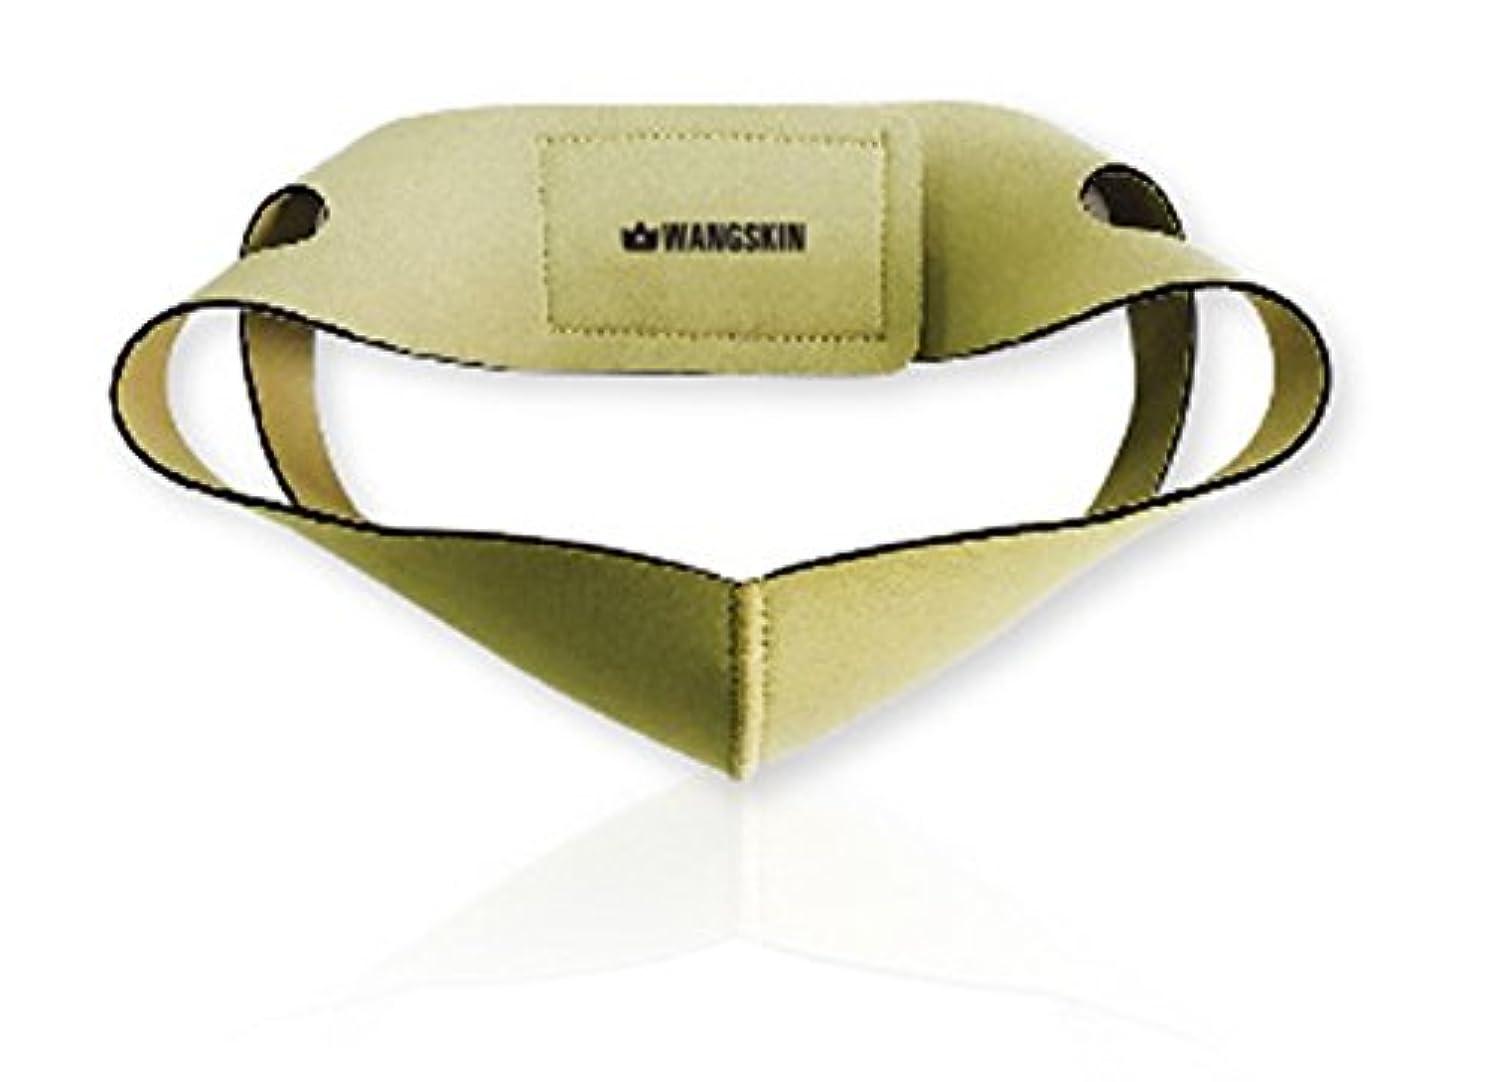 ネックレット発表小間WANSKIN Face V-line リフティングバンド バイオネオプレンシ ワ改善 弾力 ISO9001認証 海外直送品 (Face V-line Lifting Band Bio NeoFran Wrinkle Elasticity...